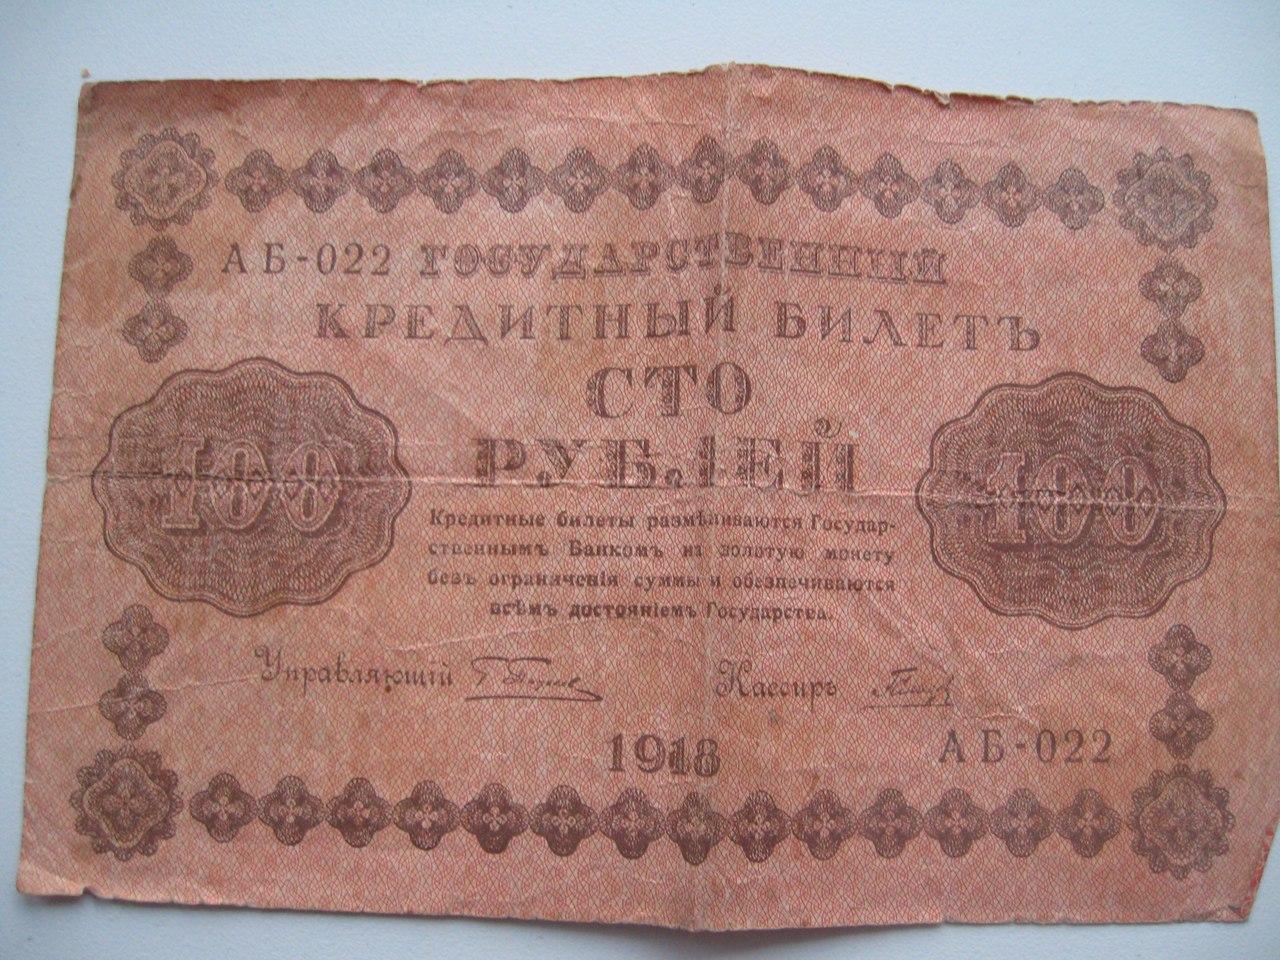 Из моей коллекции. Советские деньги с двуглавым орлом.